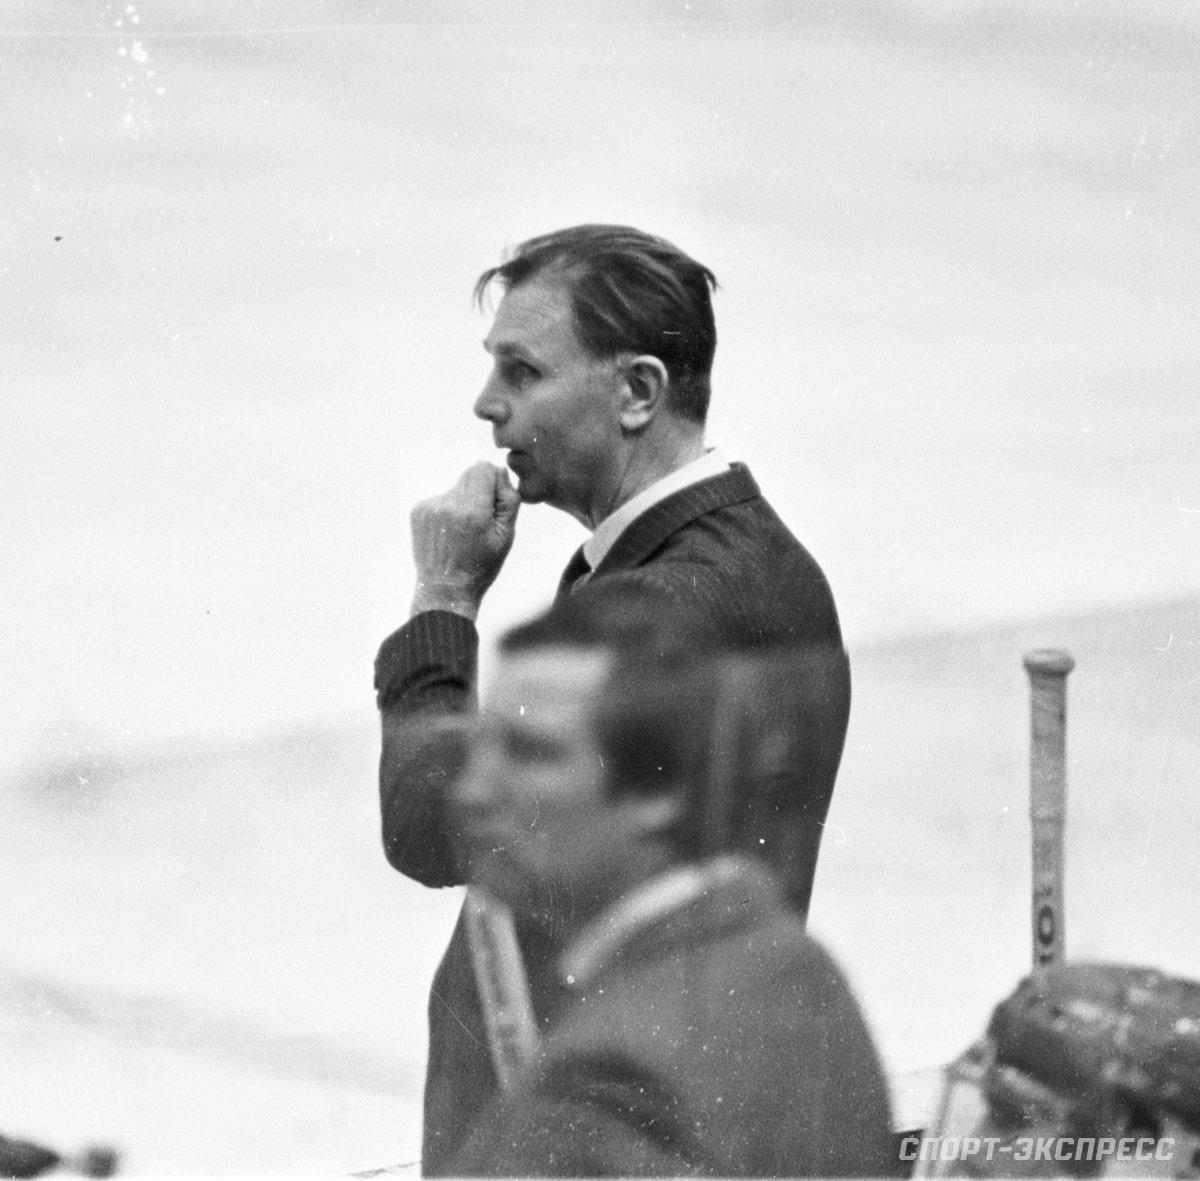 «Отсудьбы неуйдешь». Почему Тихонов невзял Харламова наКубок Канады-1981, после чего Валерий погиб